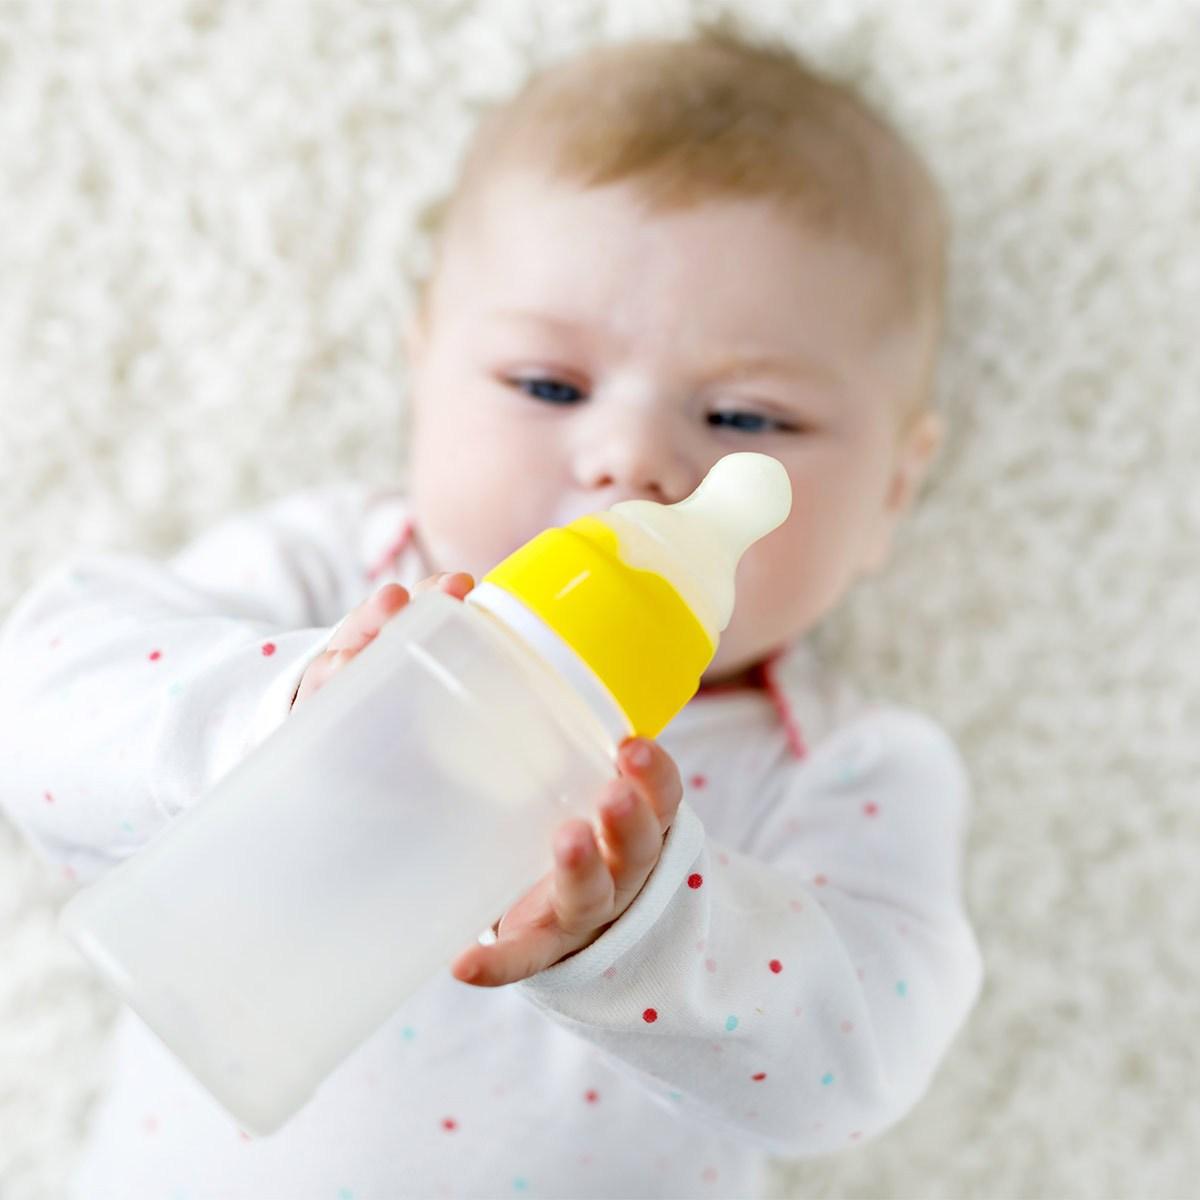 bé ăn dặm không chịu uống sữa_1